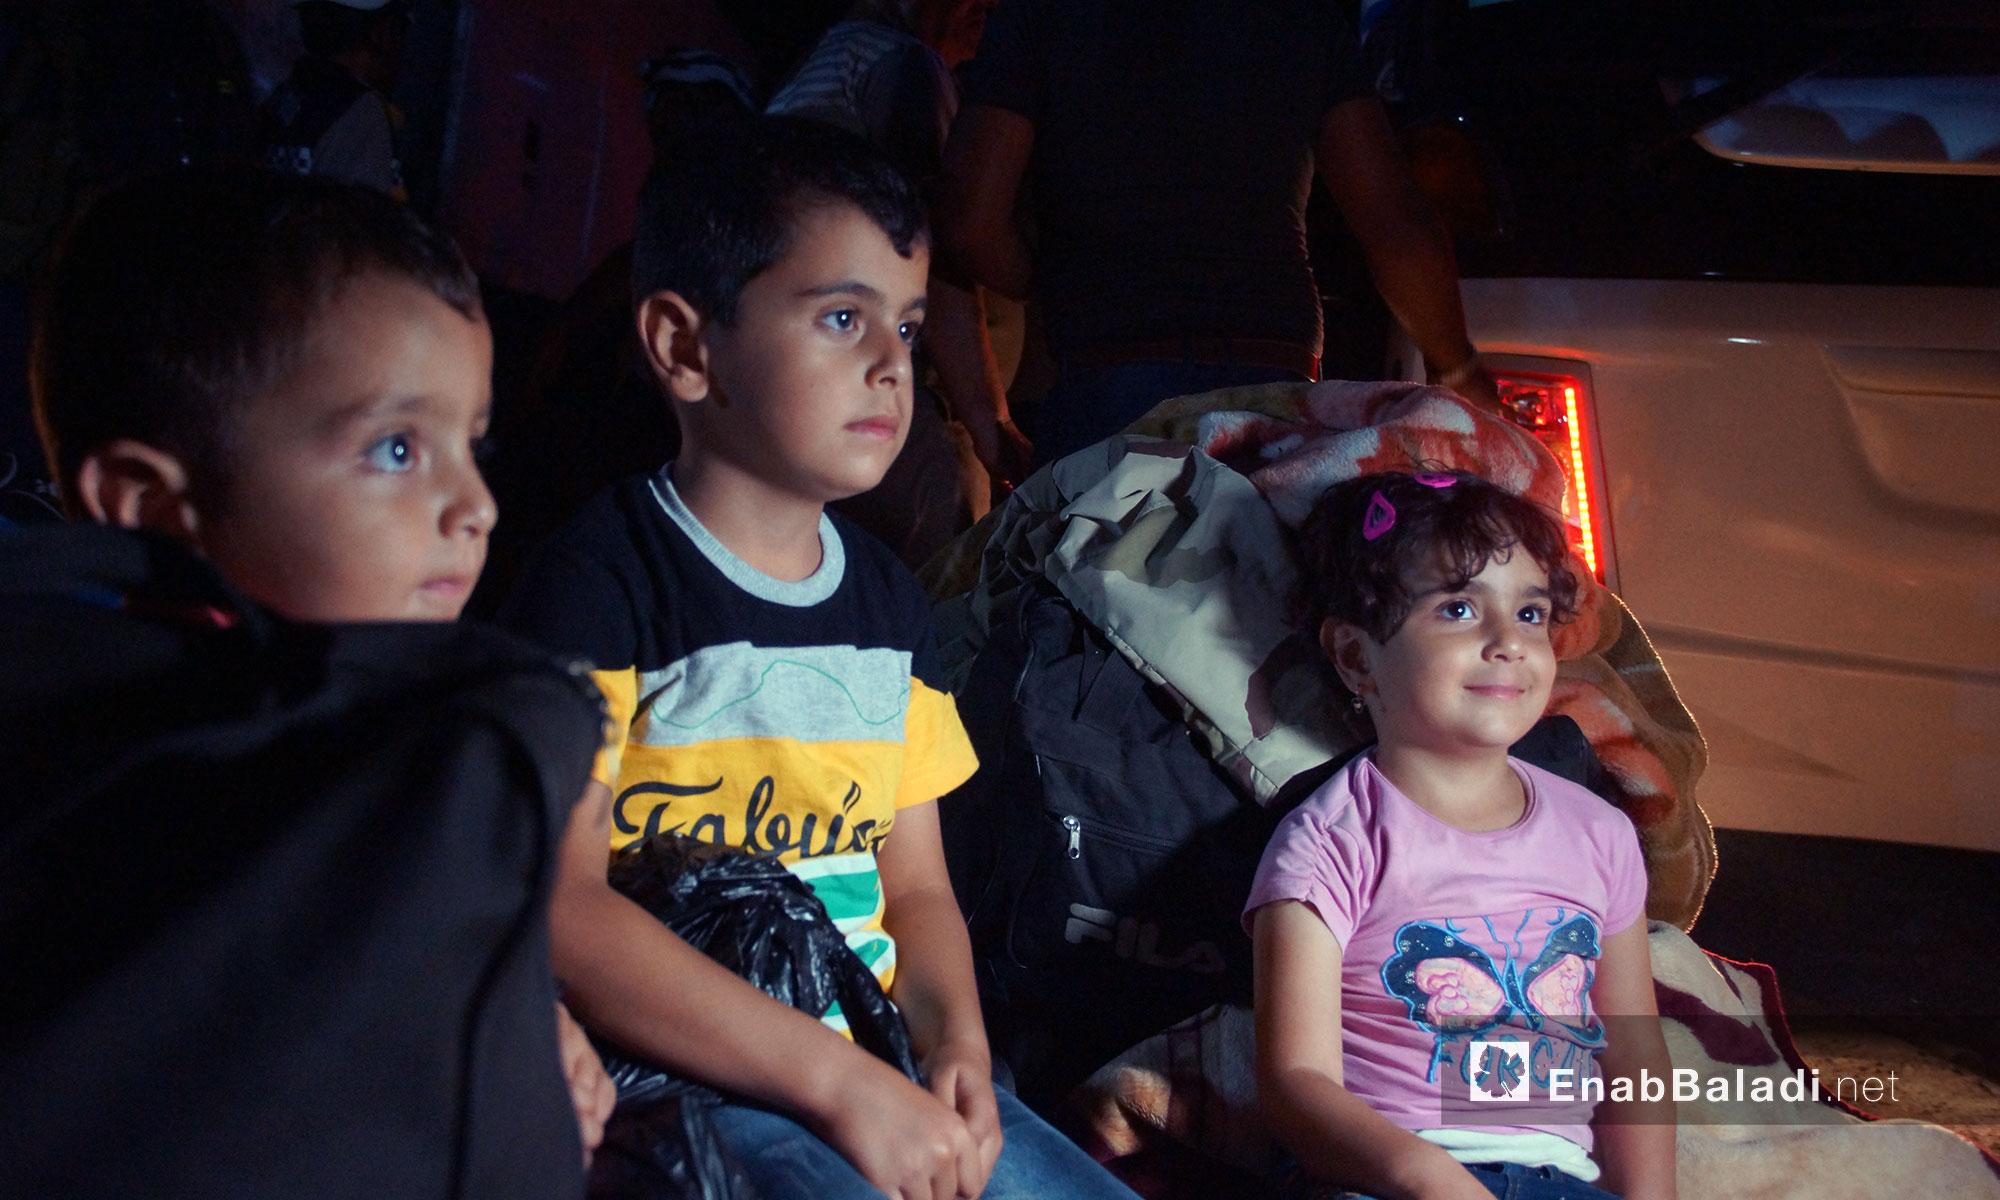 أطفال من مهجري درعا لحظة وصول القافلة الأولى إلى مدينة قلعة المضيق في ريف حماه - 16 تموز 2018 (عنب بلدي)